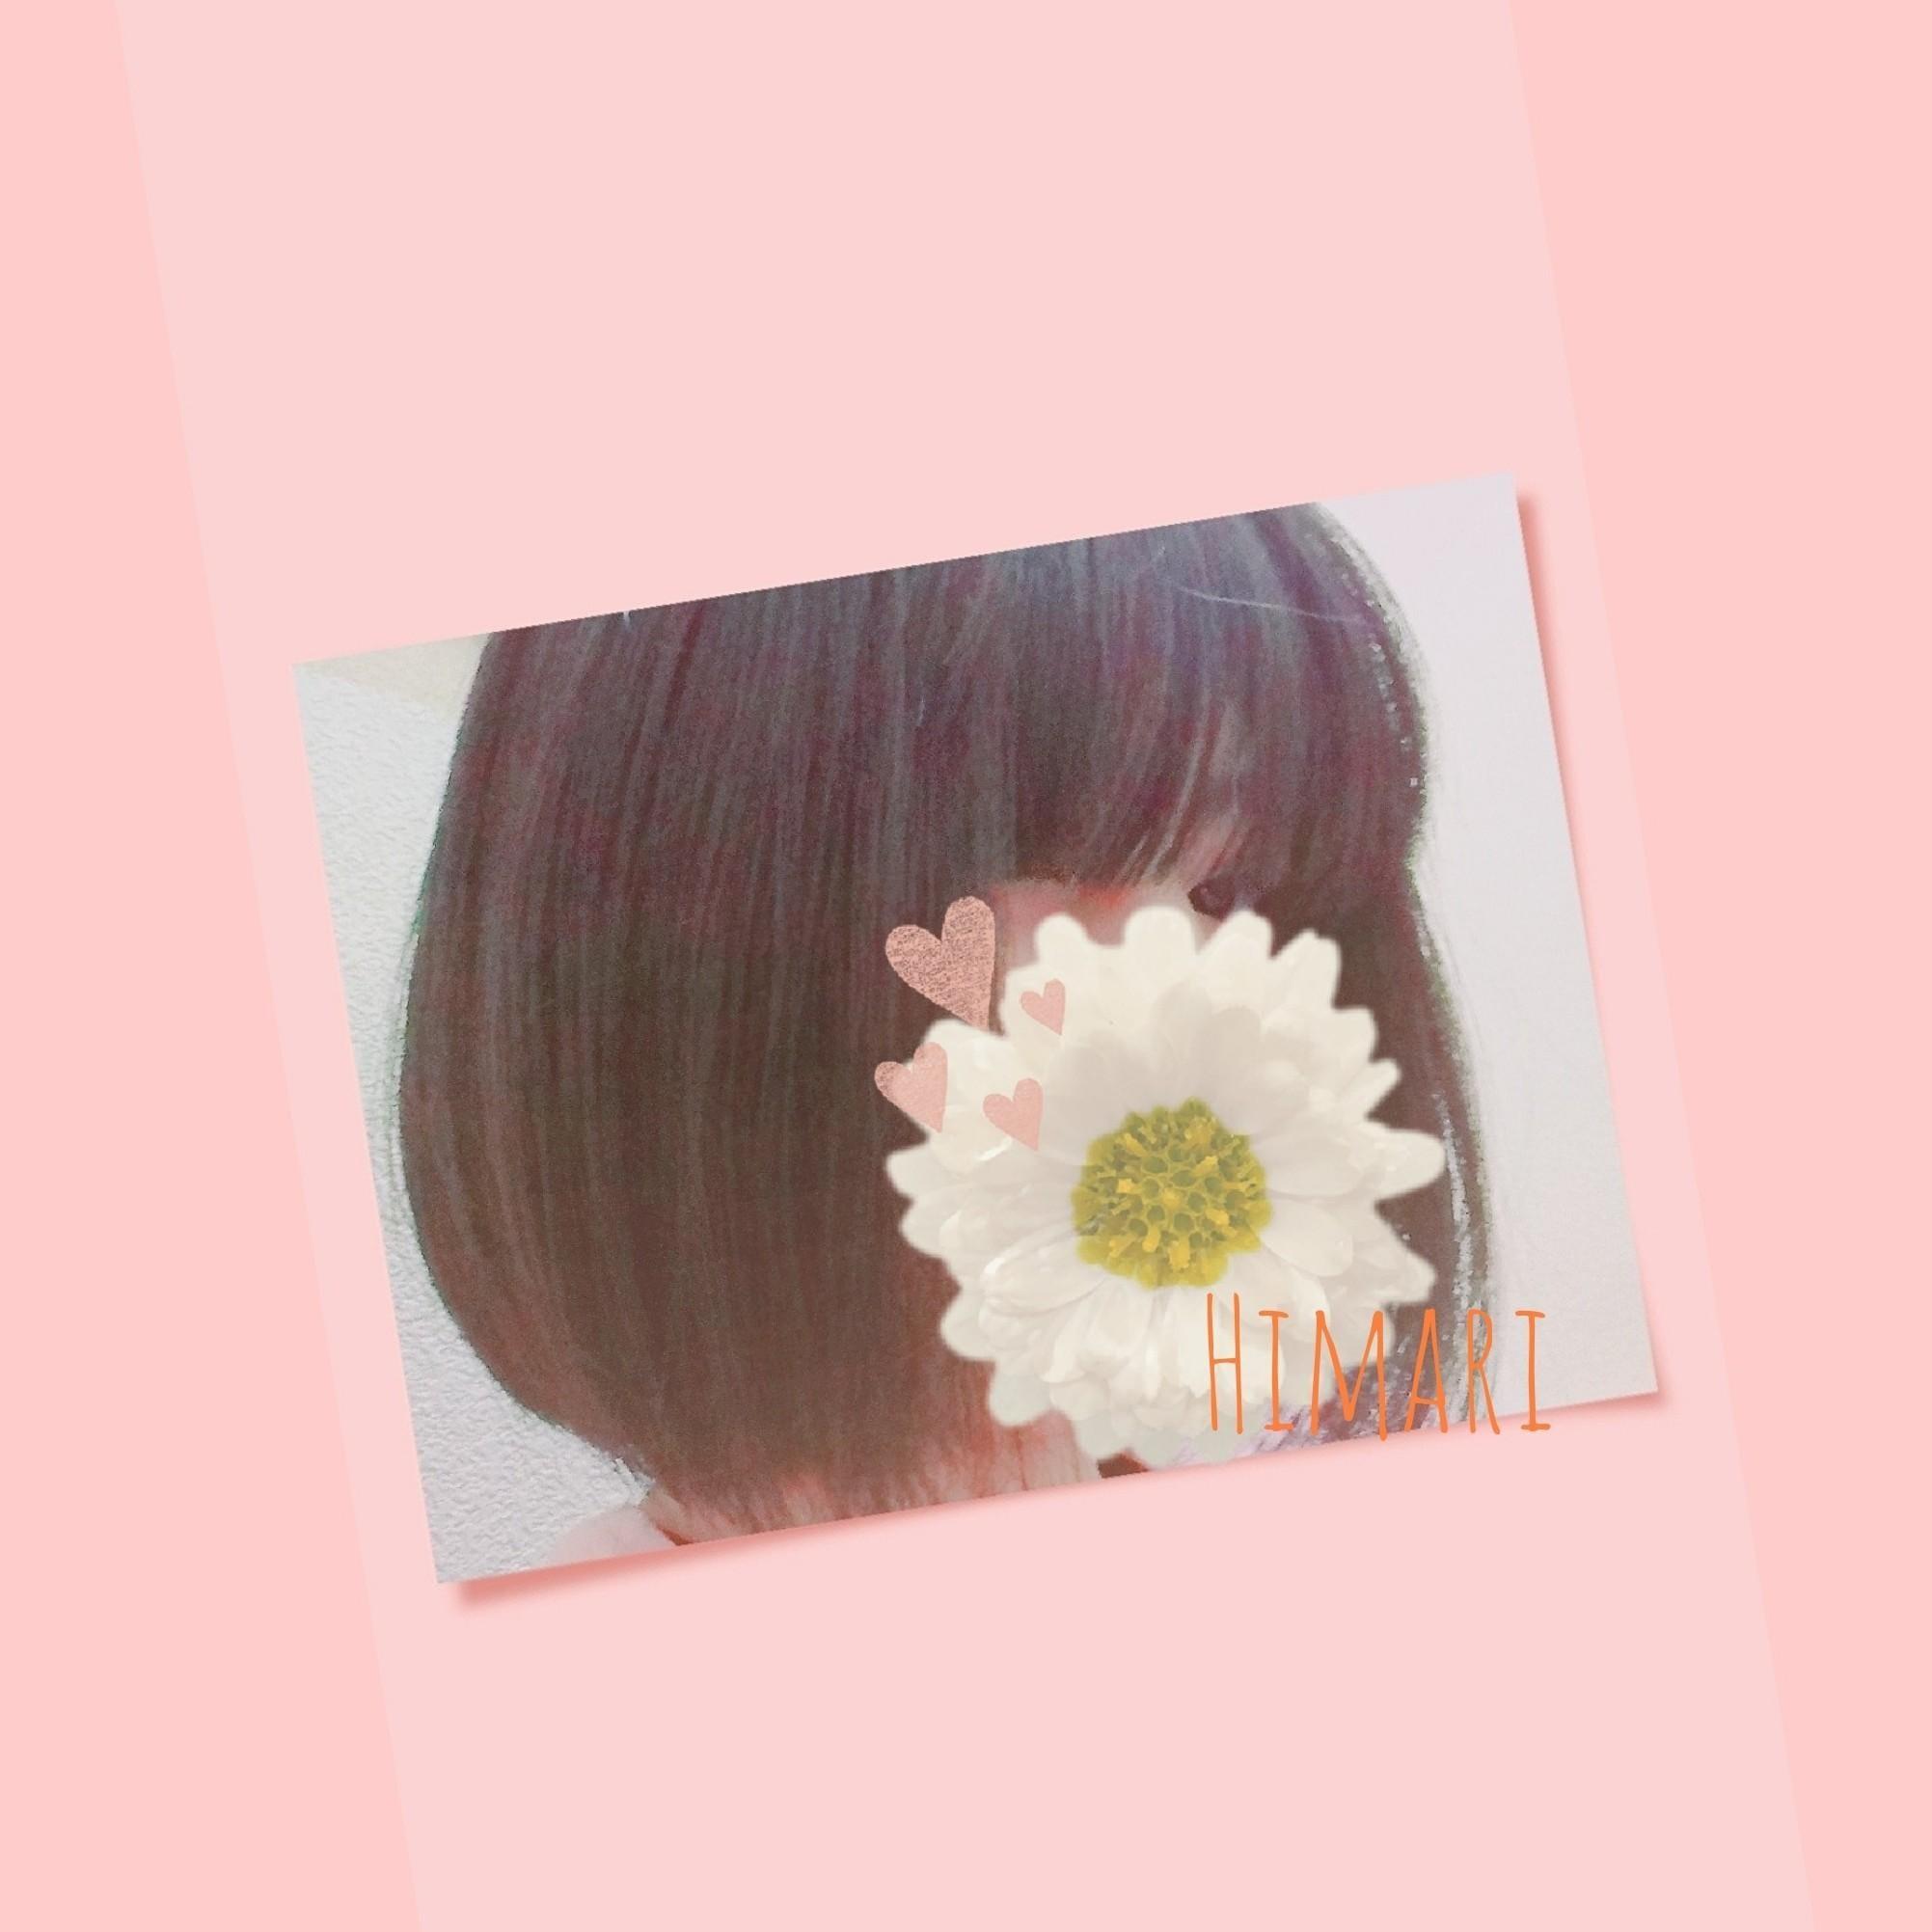 「お久しぶりです!」04/24(水) 22:05 | ひまりの写メ・風俗動画